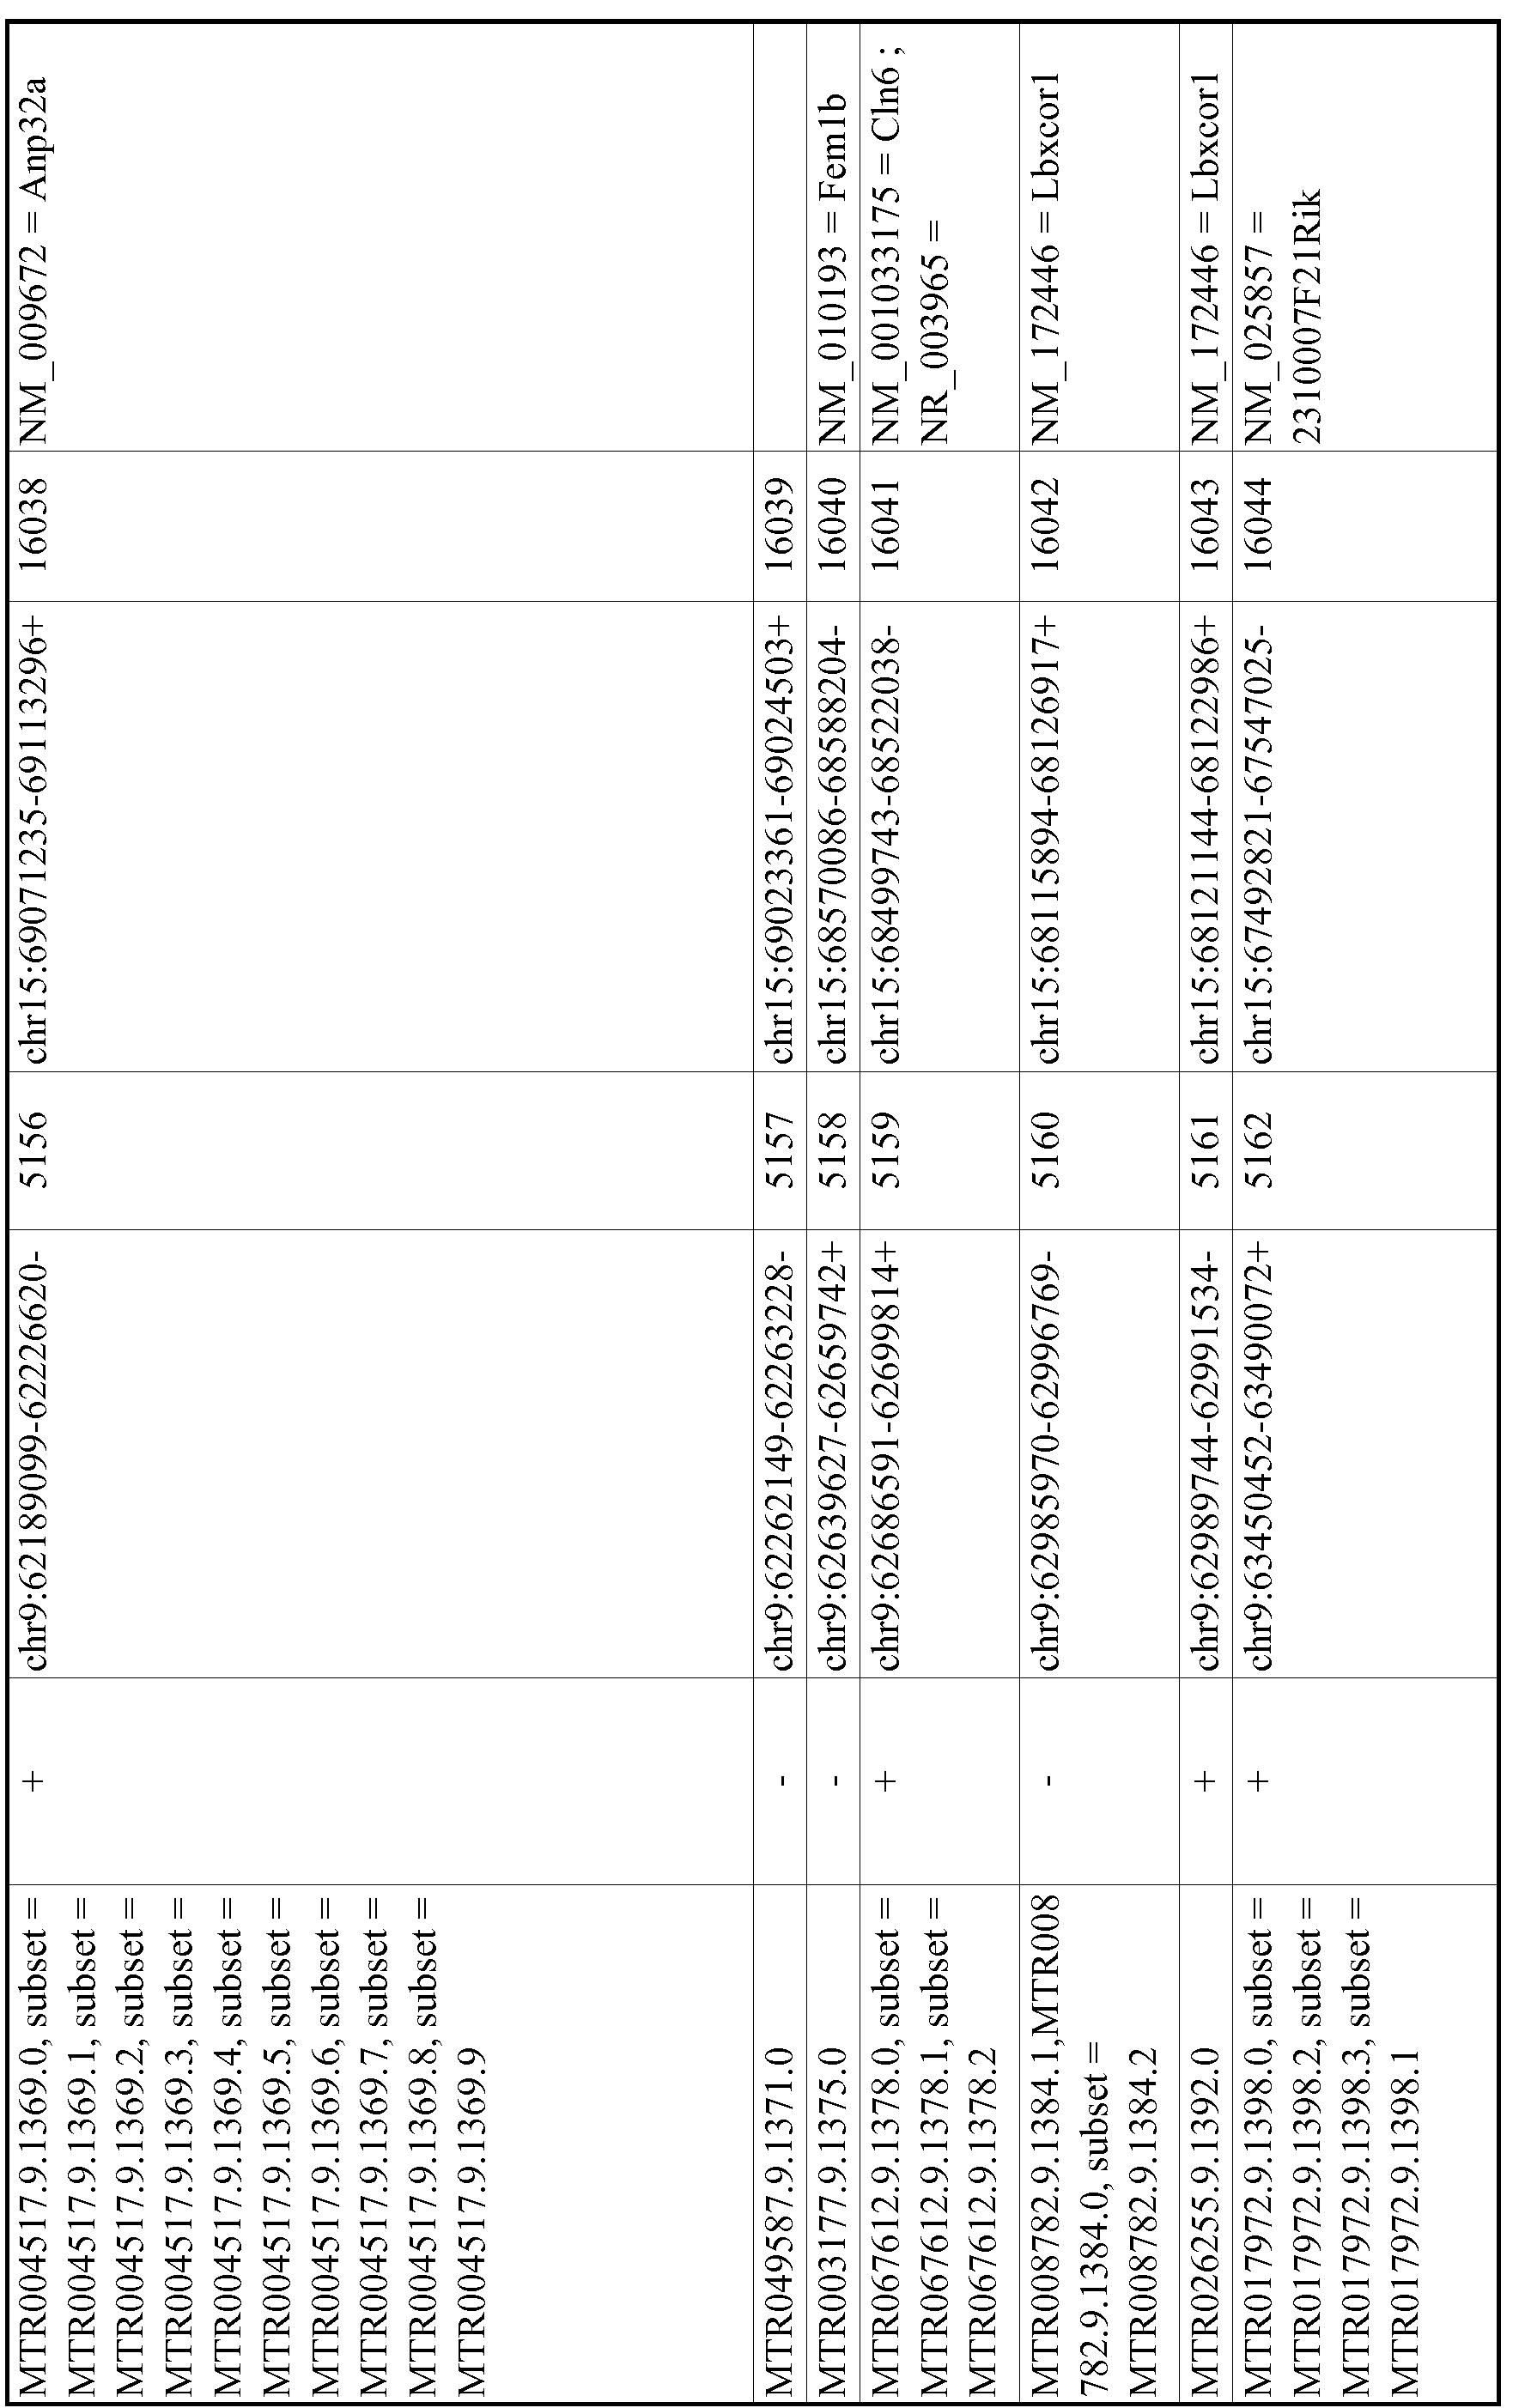 Figure imgf000939_0001